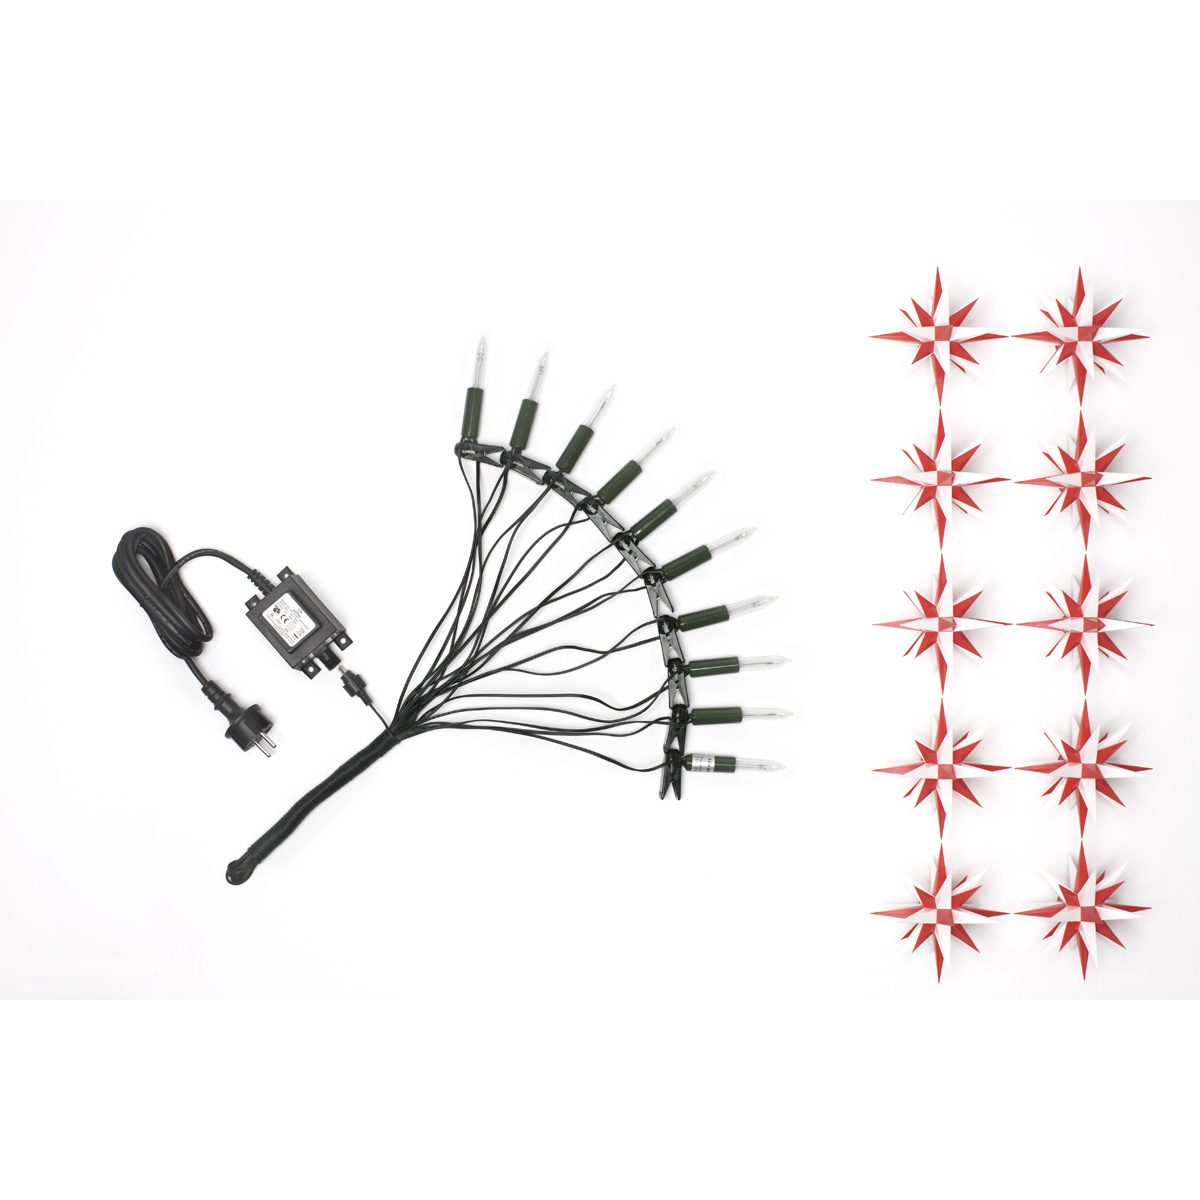 herrnhuter sternenkette wei rot a1s f r innen und au von herrnhuter sterne f r 105 kaufen. Black Bedroom Furniture Sets. Home Design Ideas